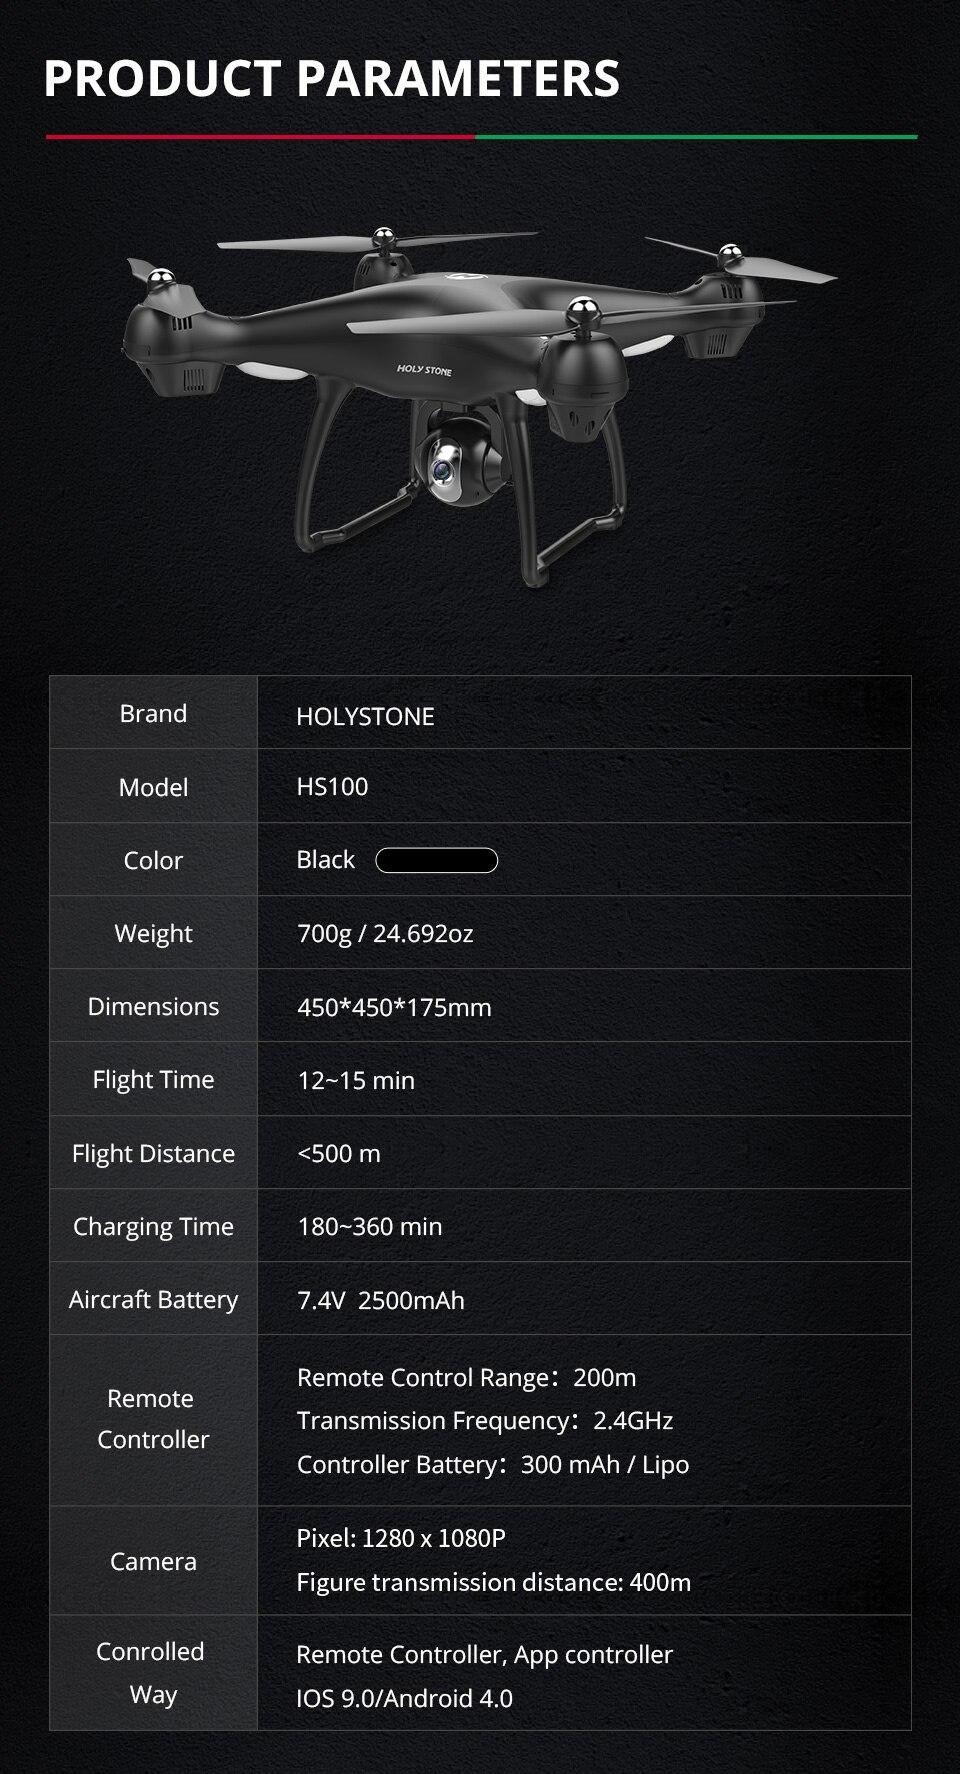 [EU USA JP Stock] Holy Stone HS100 GPS Selfie FPV Drone 500m Flight Range 2500mAh 1080P 7P Camera RC Quadcopter No Tax to EU 15